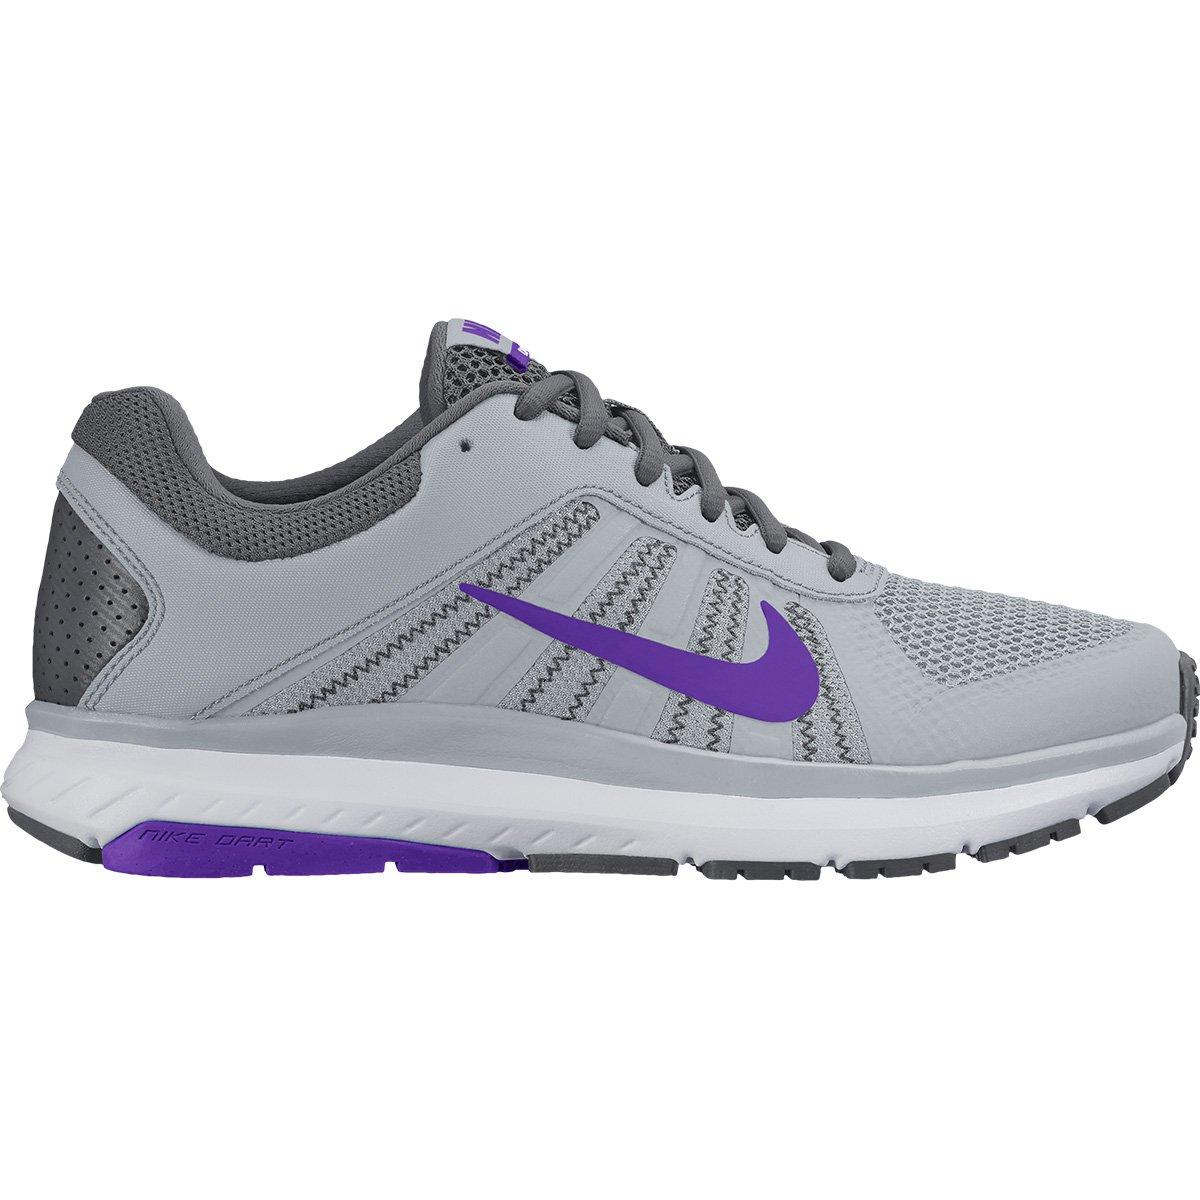 644298c5254 Tênis Nike Dart 12 MSL Feminino - Cinza e Roxo - Compre Agora